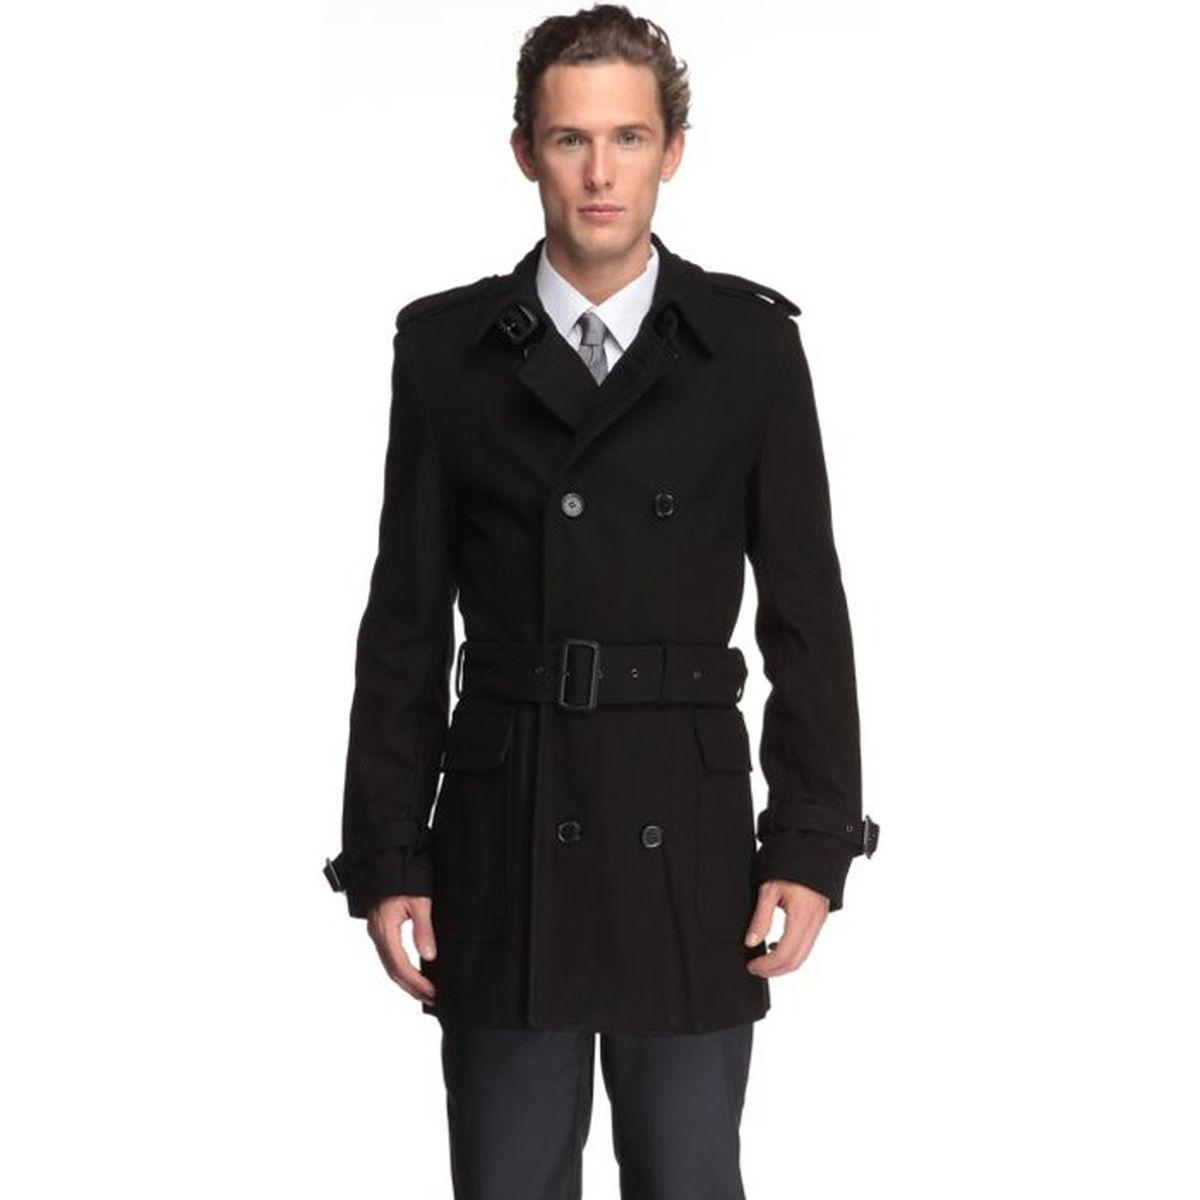 j bradford manteau homme noir achat vente manteau. Black Bedroom Furniture Sets. Home Design Ideas